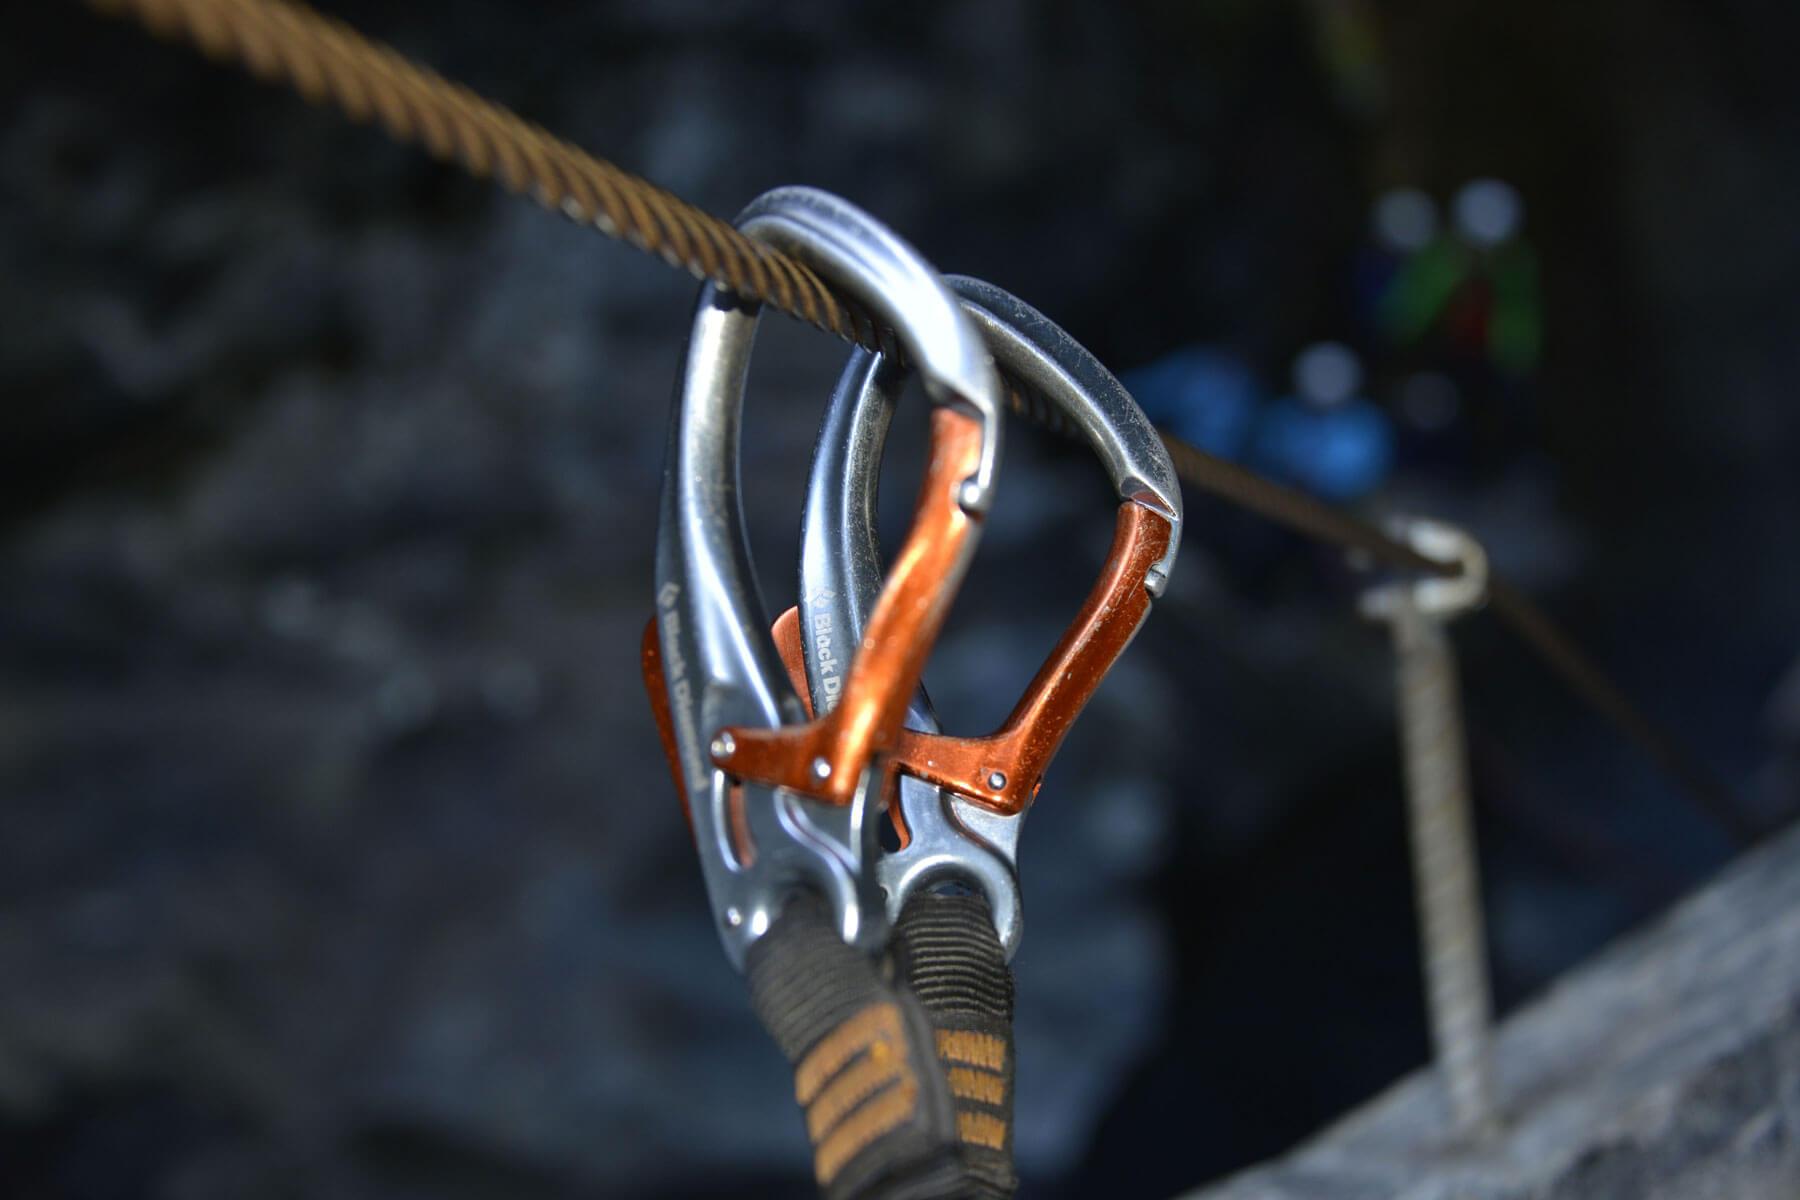 Kletterausrüstung Zermatt : Die gornerschlucht der etwas andere klettersteig in zermatt